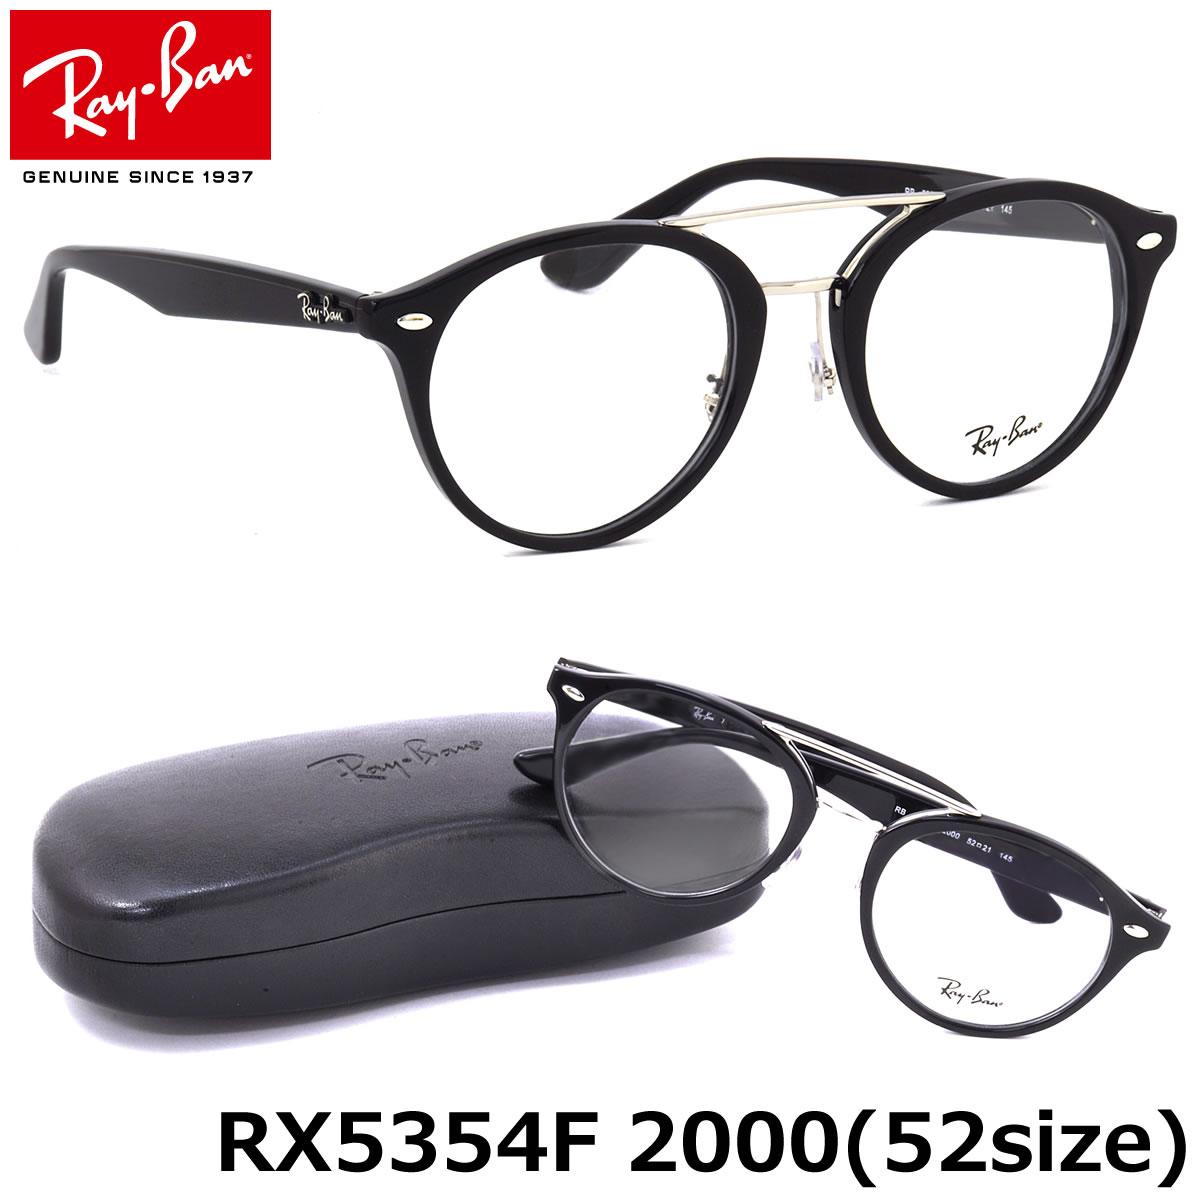 【10月30日からエントリーで全品ポイント20倍】レイバン メガネ フレーム Ray-Ban RX5354F 2000 52サイズ ボストン ツーブリッジ フルフィット レイバン RAYBAN メンズ レディース